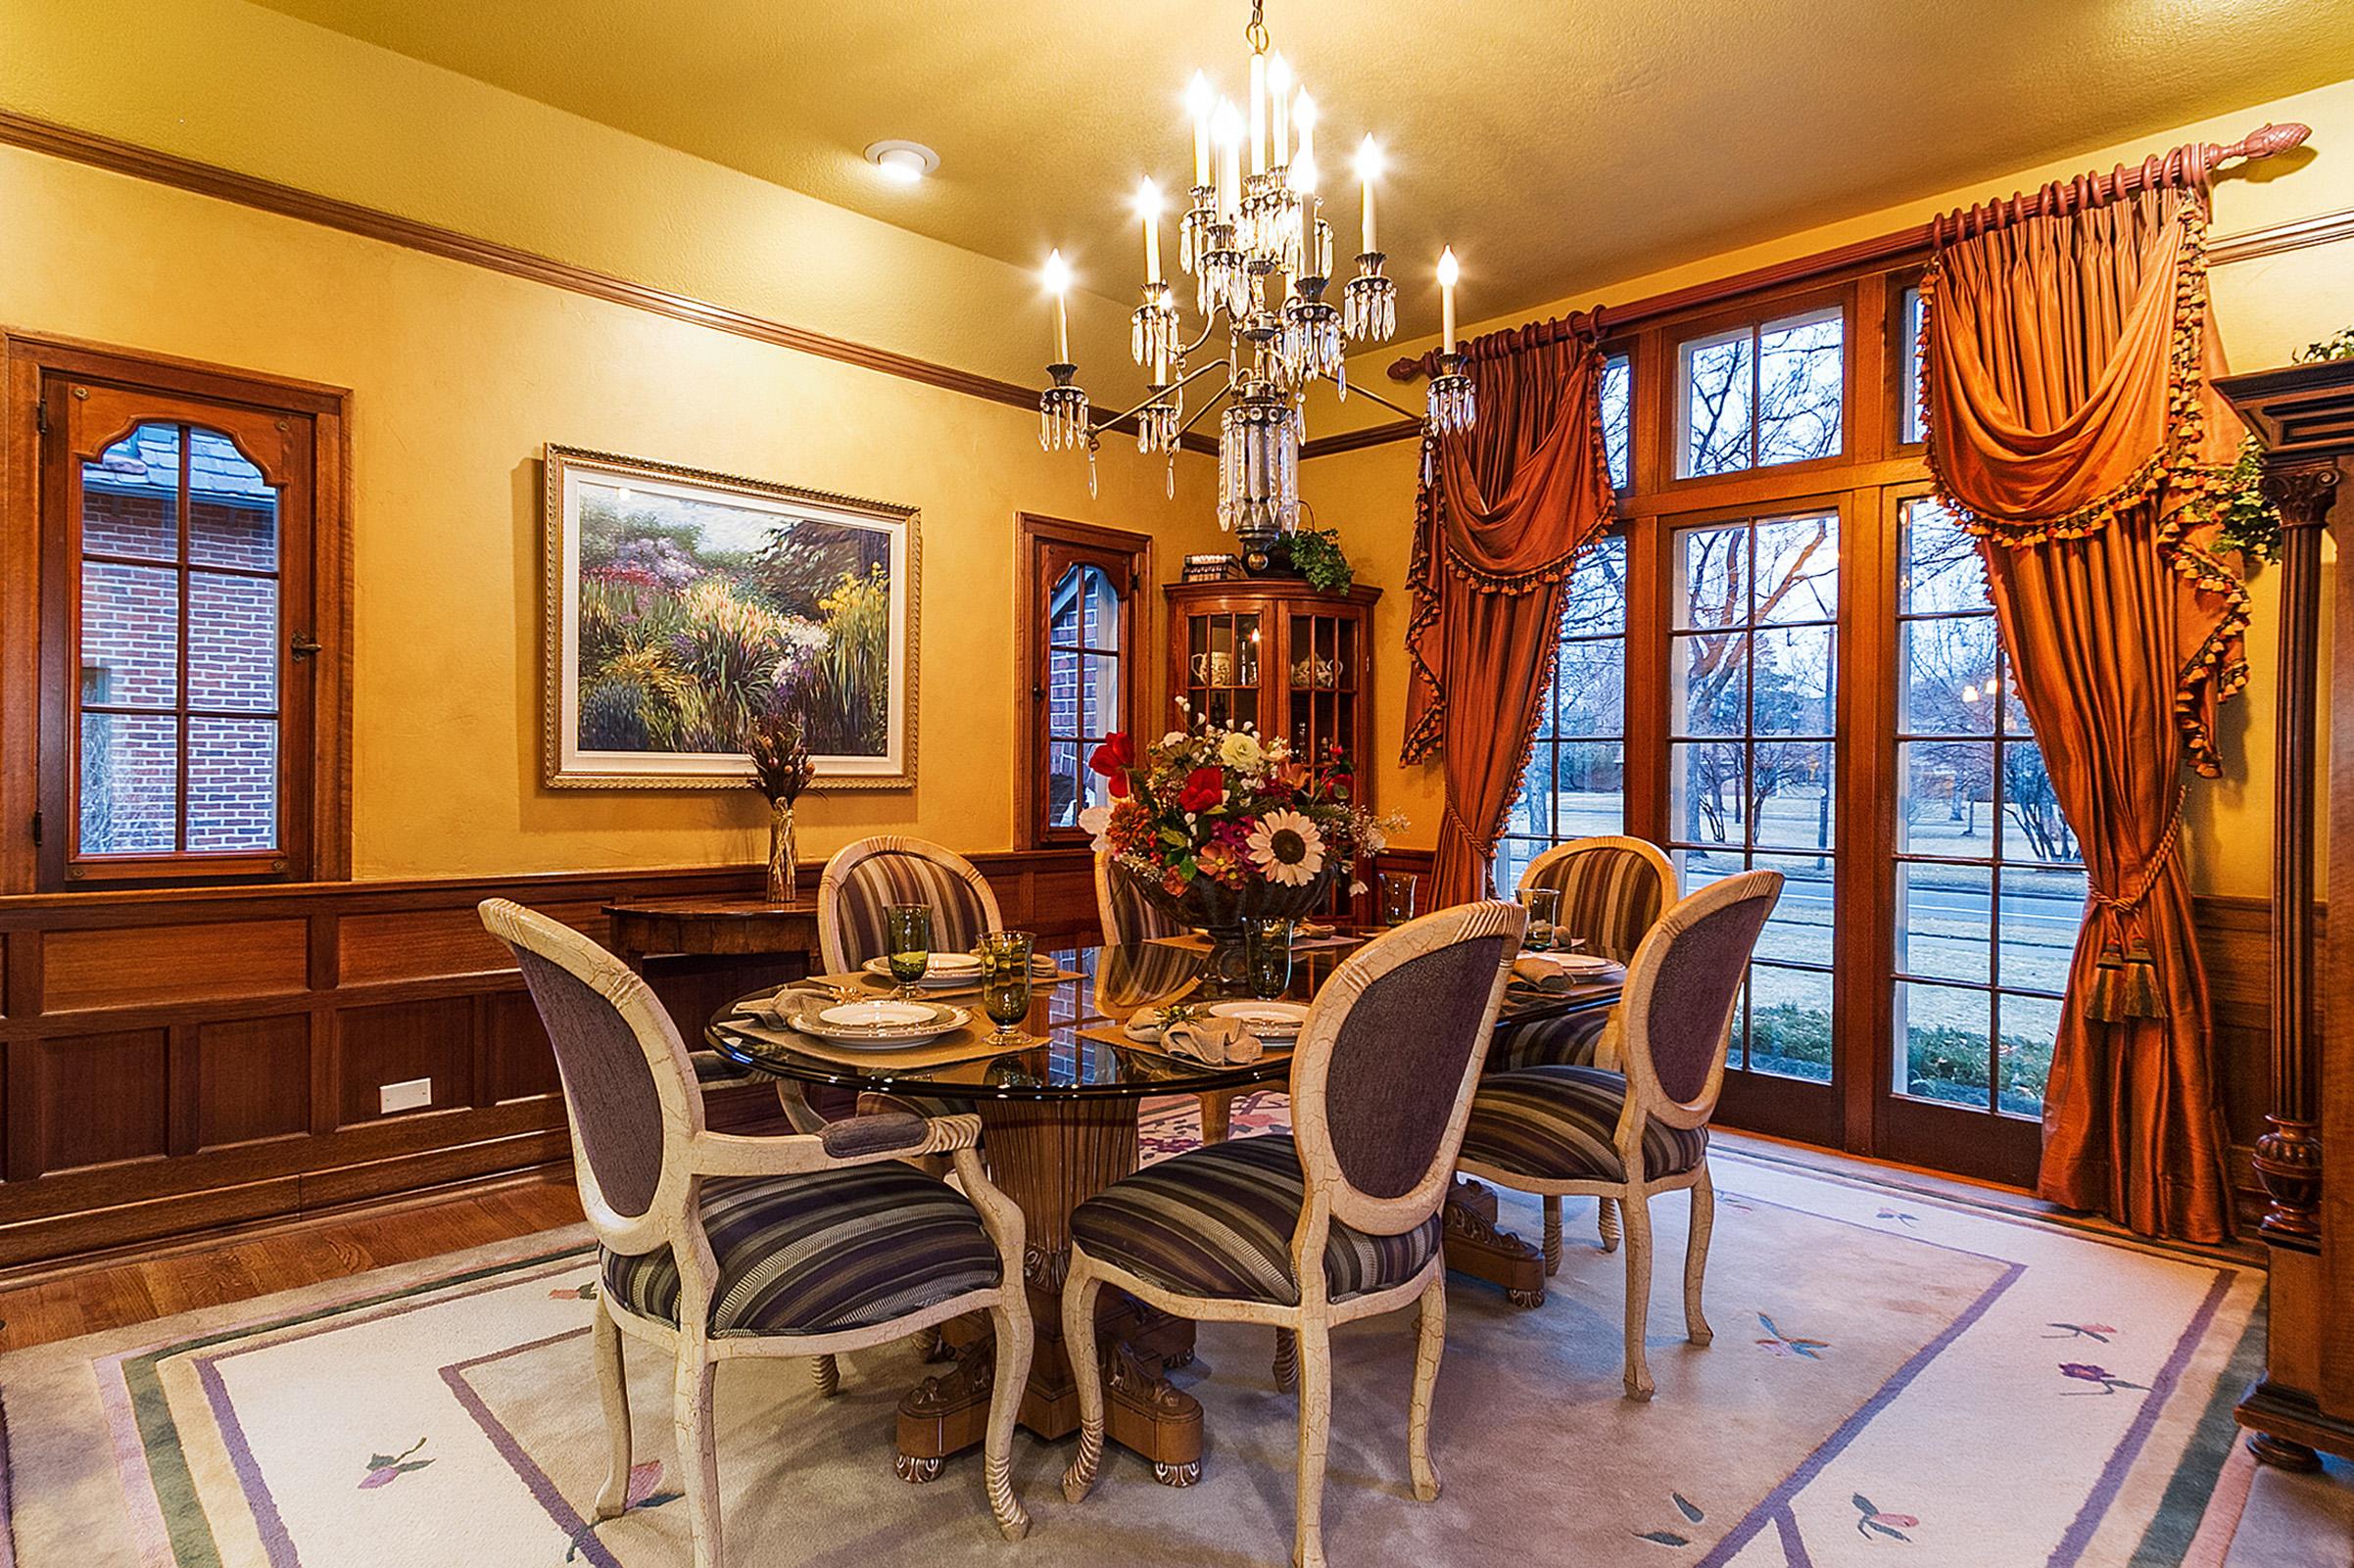 1183066_Dining-Room_high.jpg